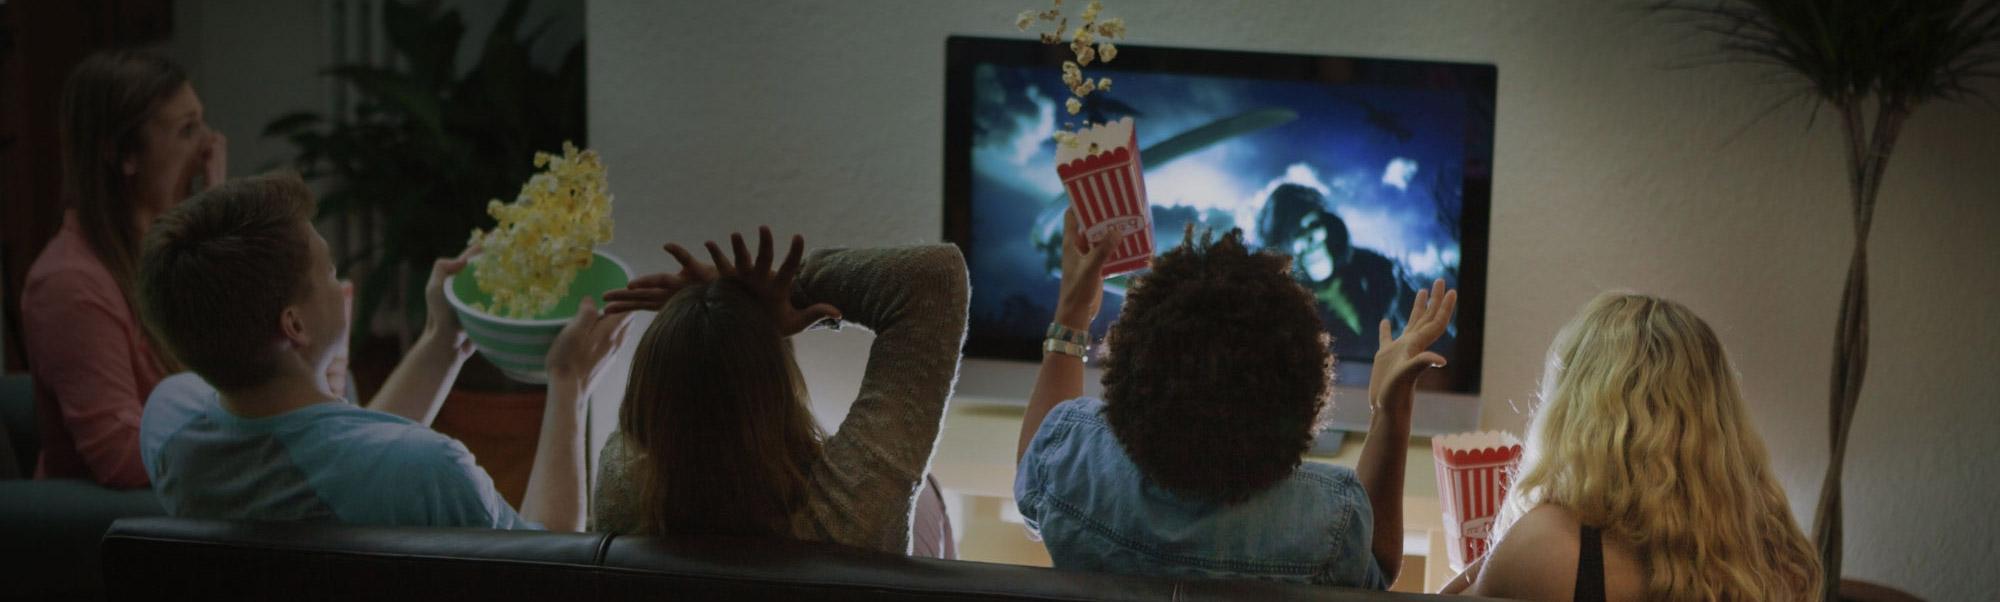 どこにいても最新の映画とテレビ番組を視聴する